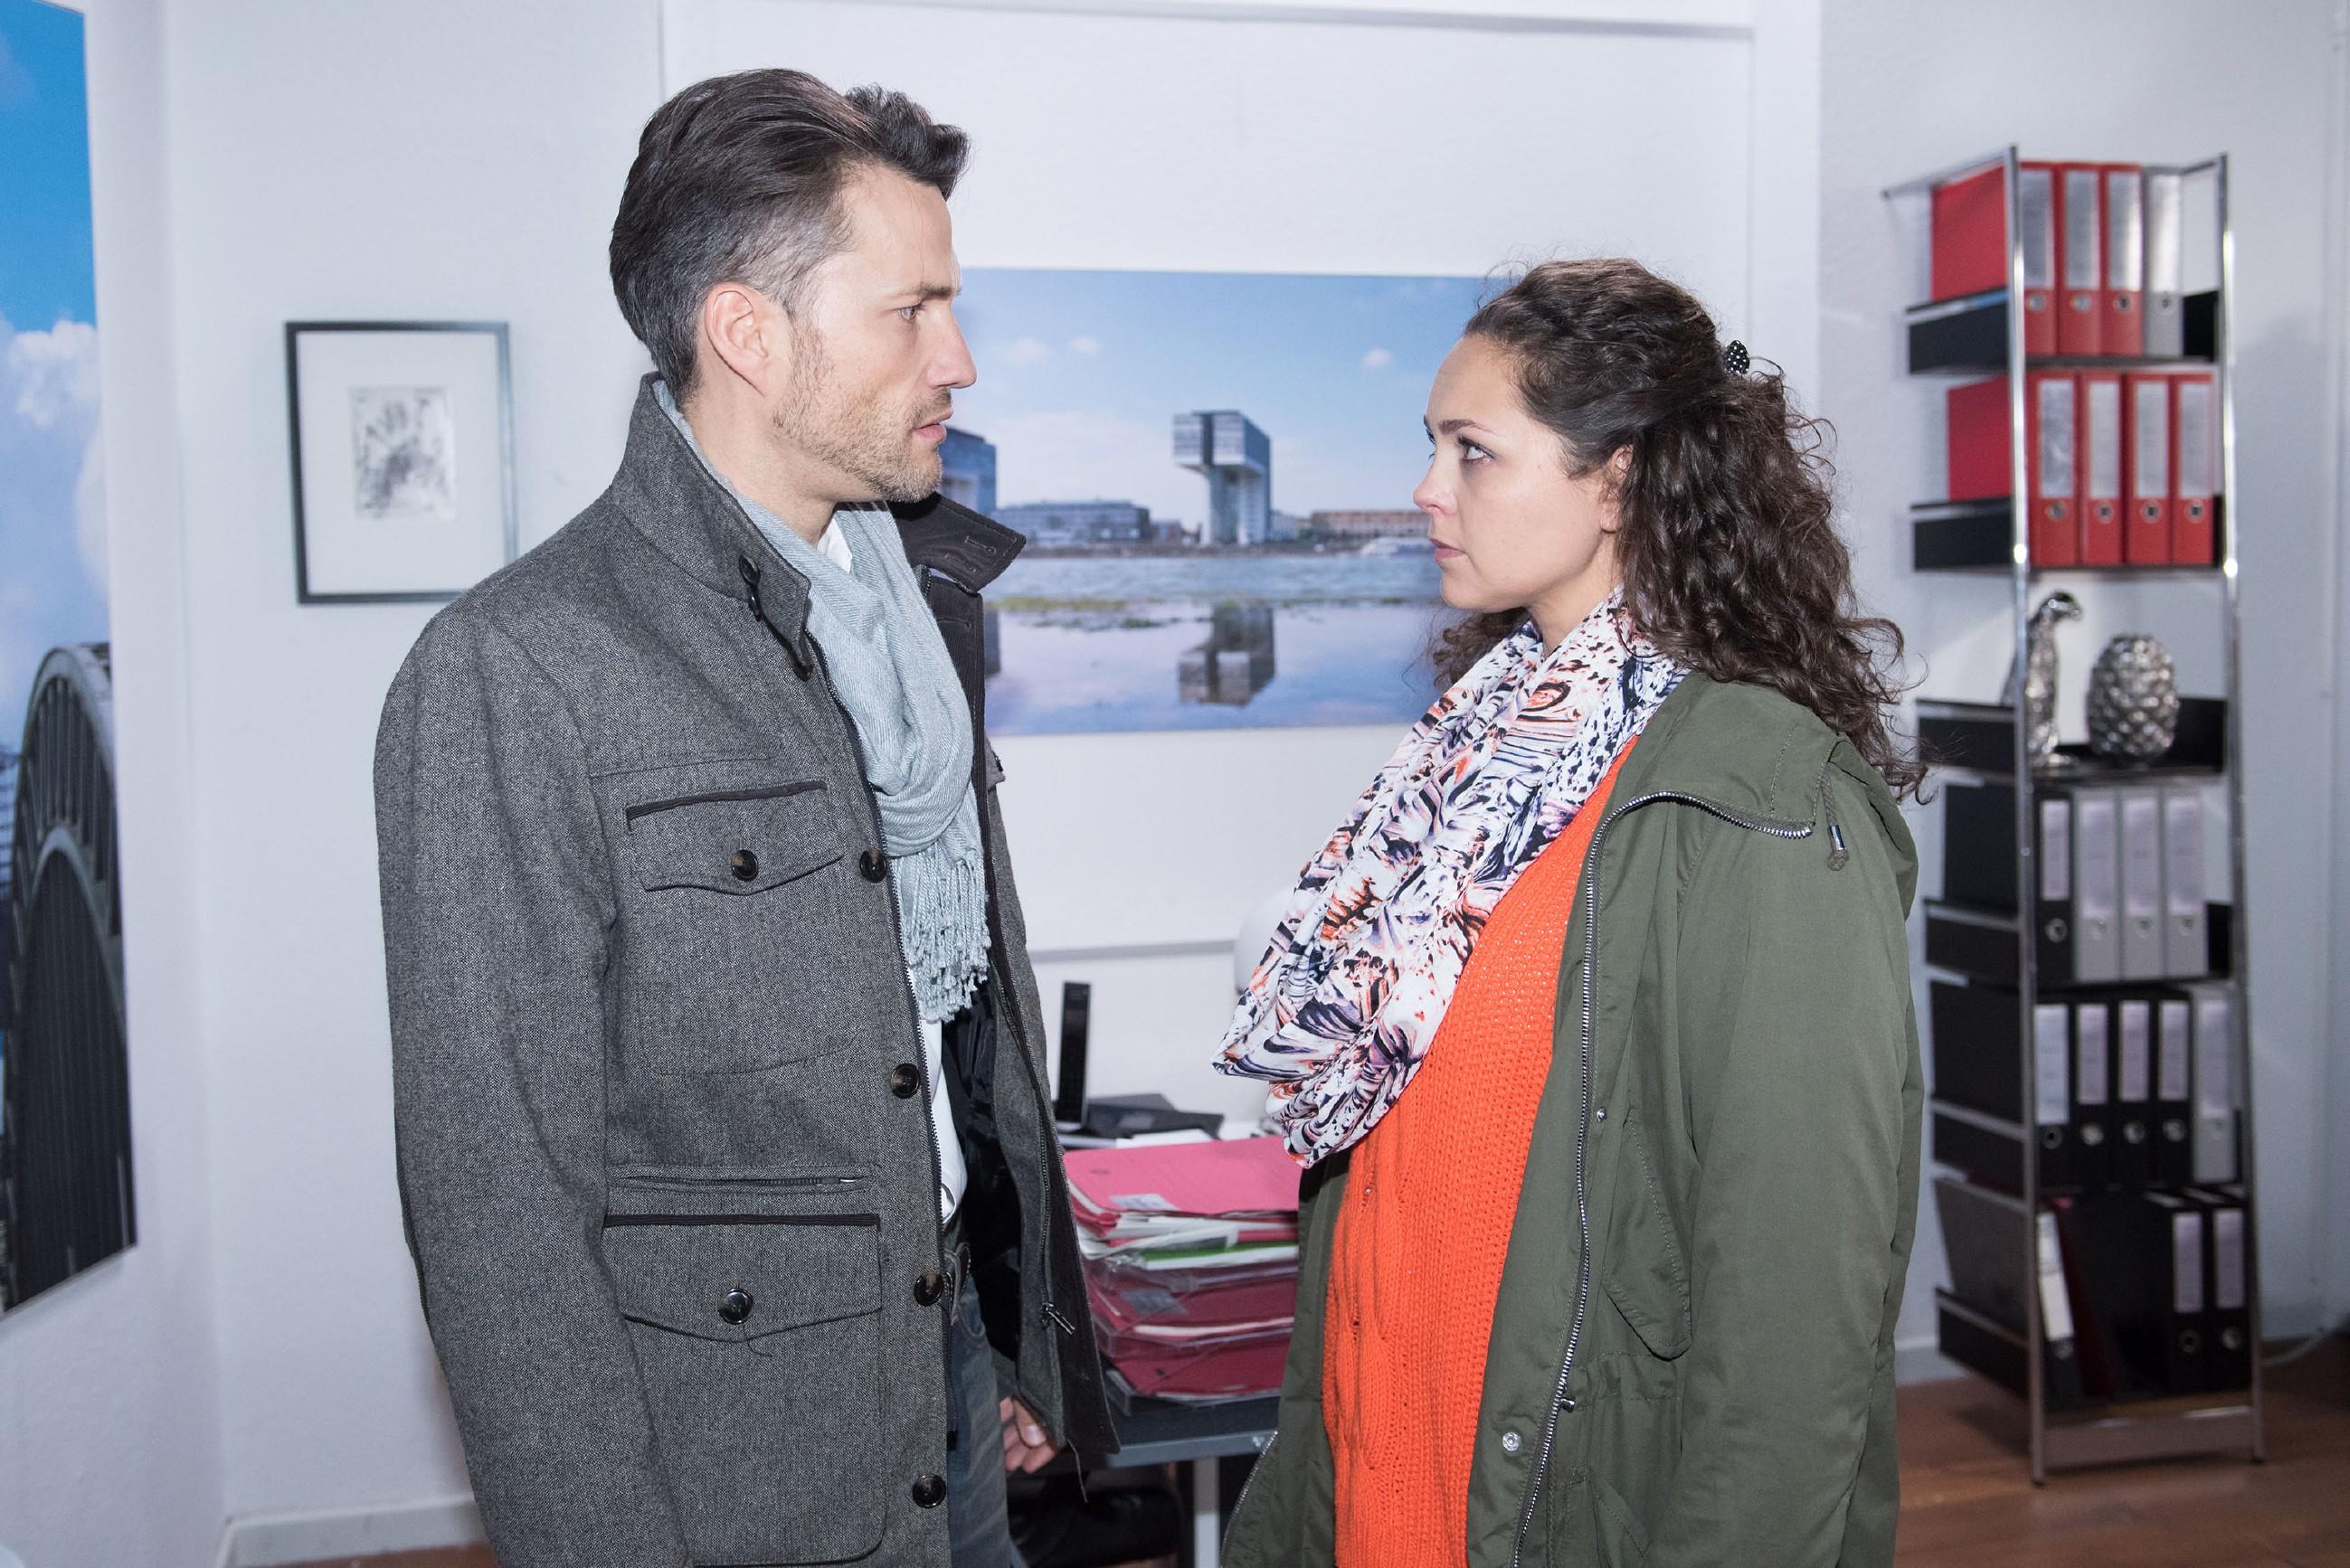 Caro (Ines Kurenbach) stellt Malte (Stefan Bockelmann) vor die Wahl: Entweder vertraut er ihr oder es ist aus. Wird Malte die richtige Wahl treffen? (Foto: RTL / Stefan Behrens)